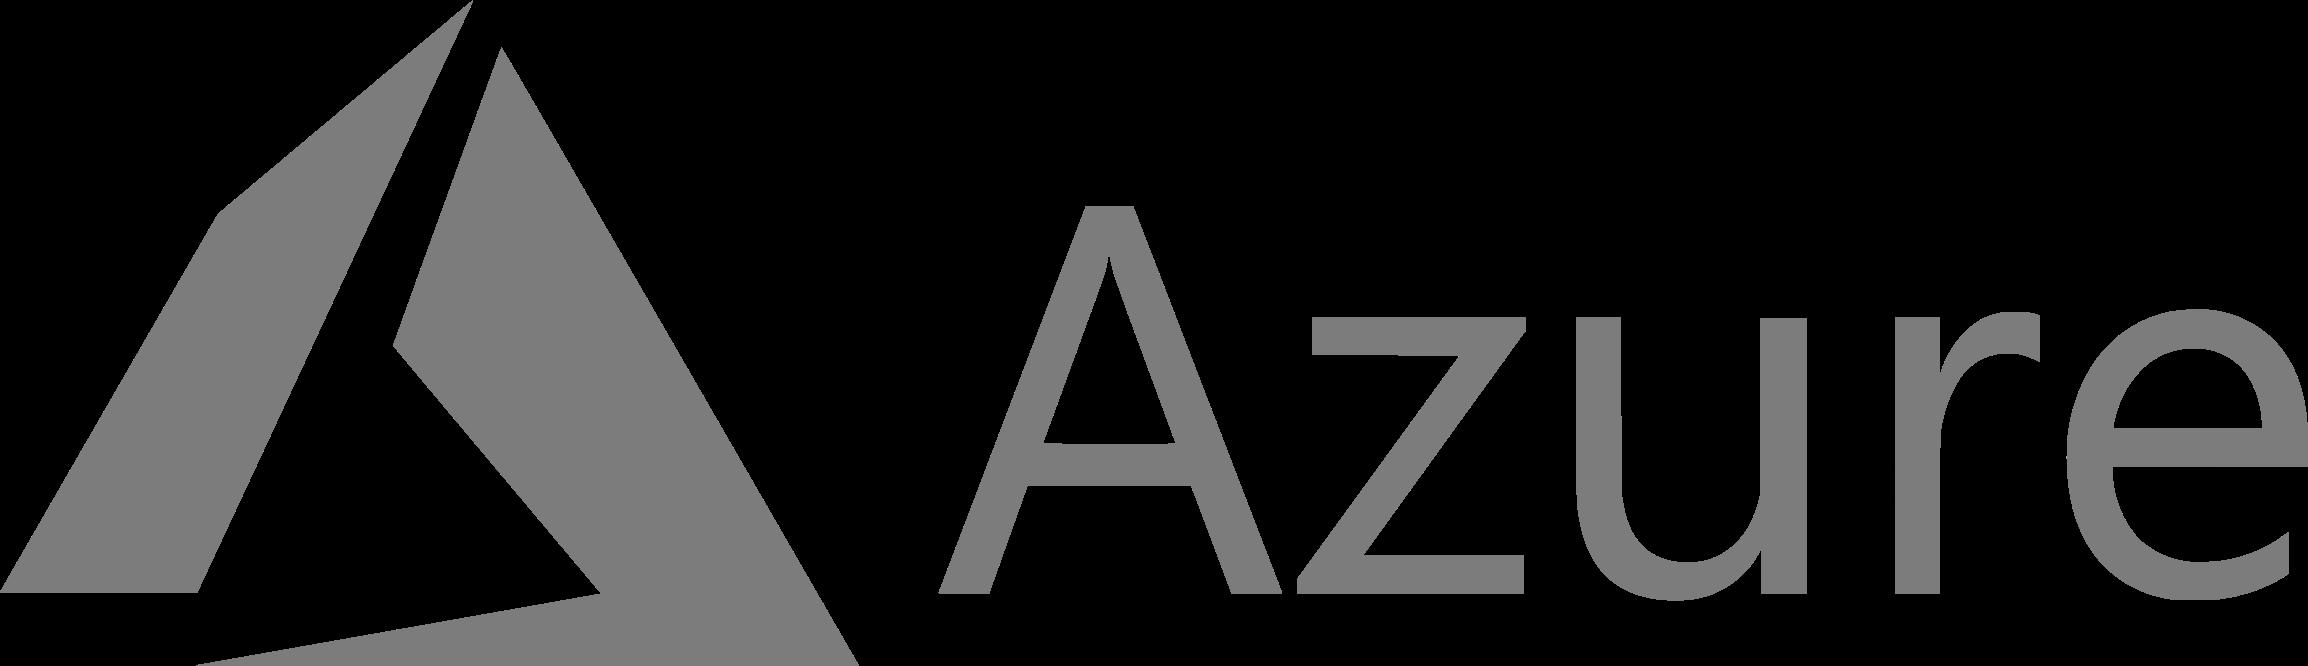 Microsoft Azure logo large - black and white